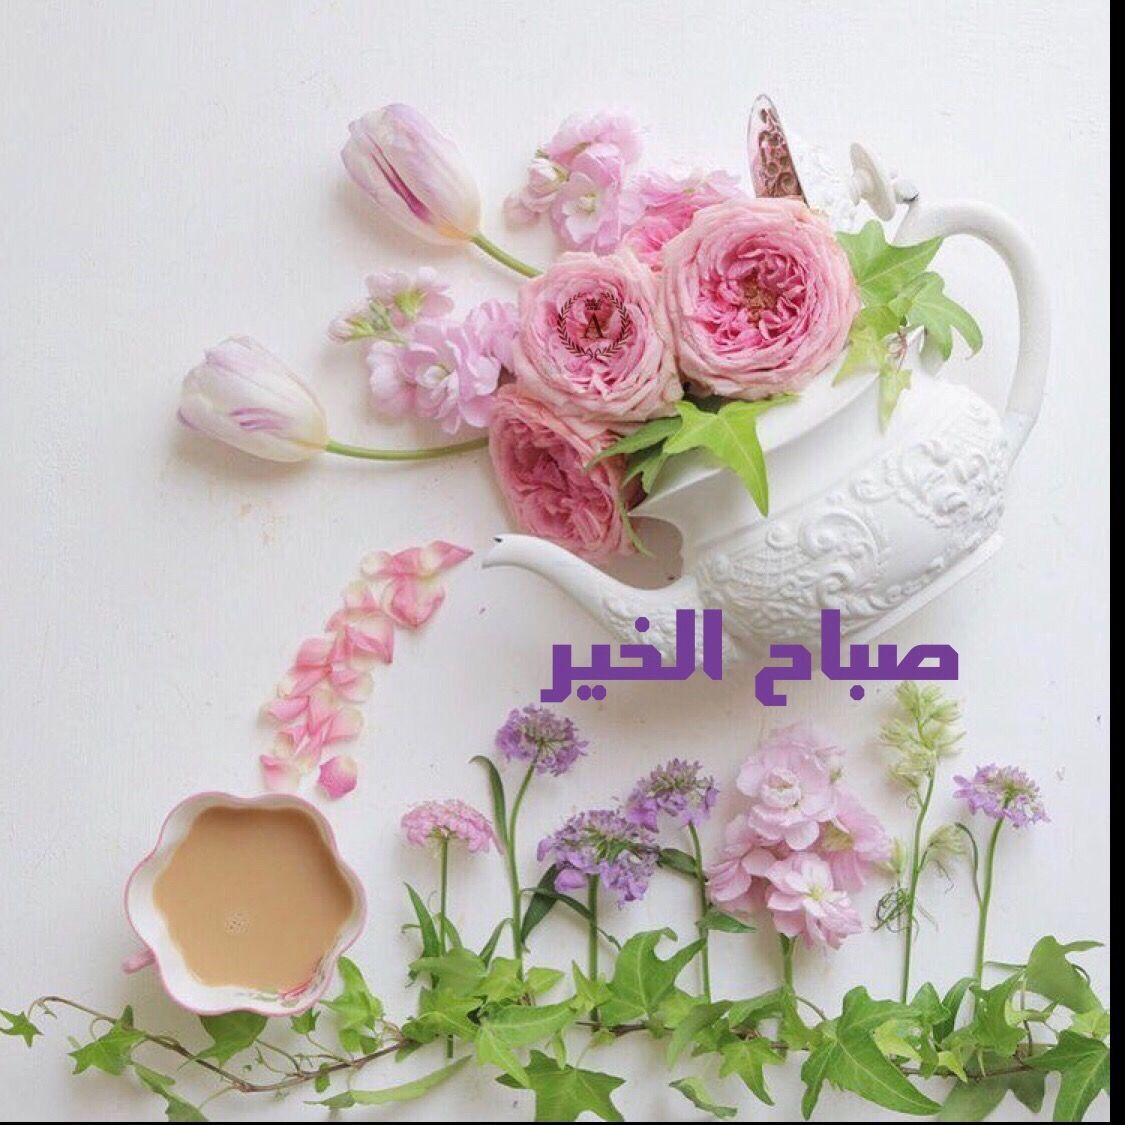 صورة اجمل صور صباح الخير , احلى صور صباح الخير